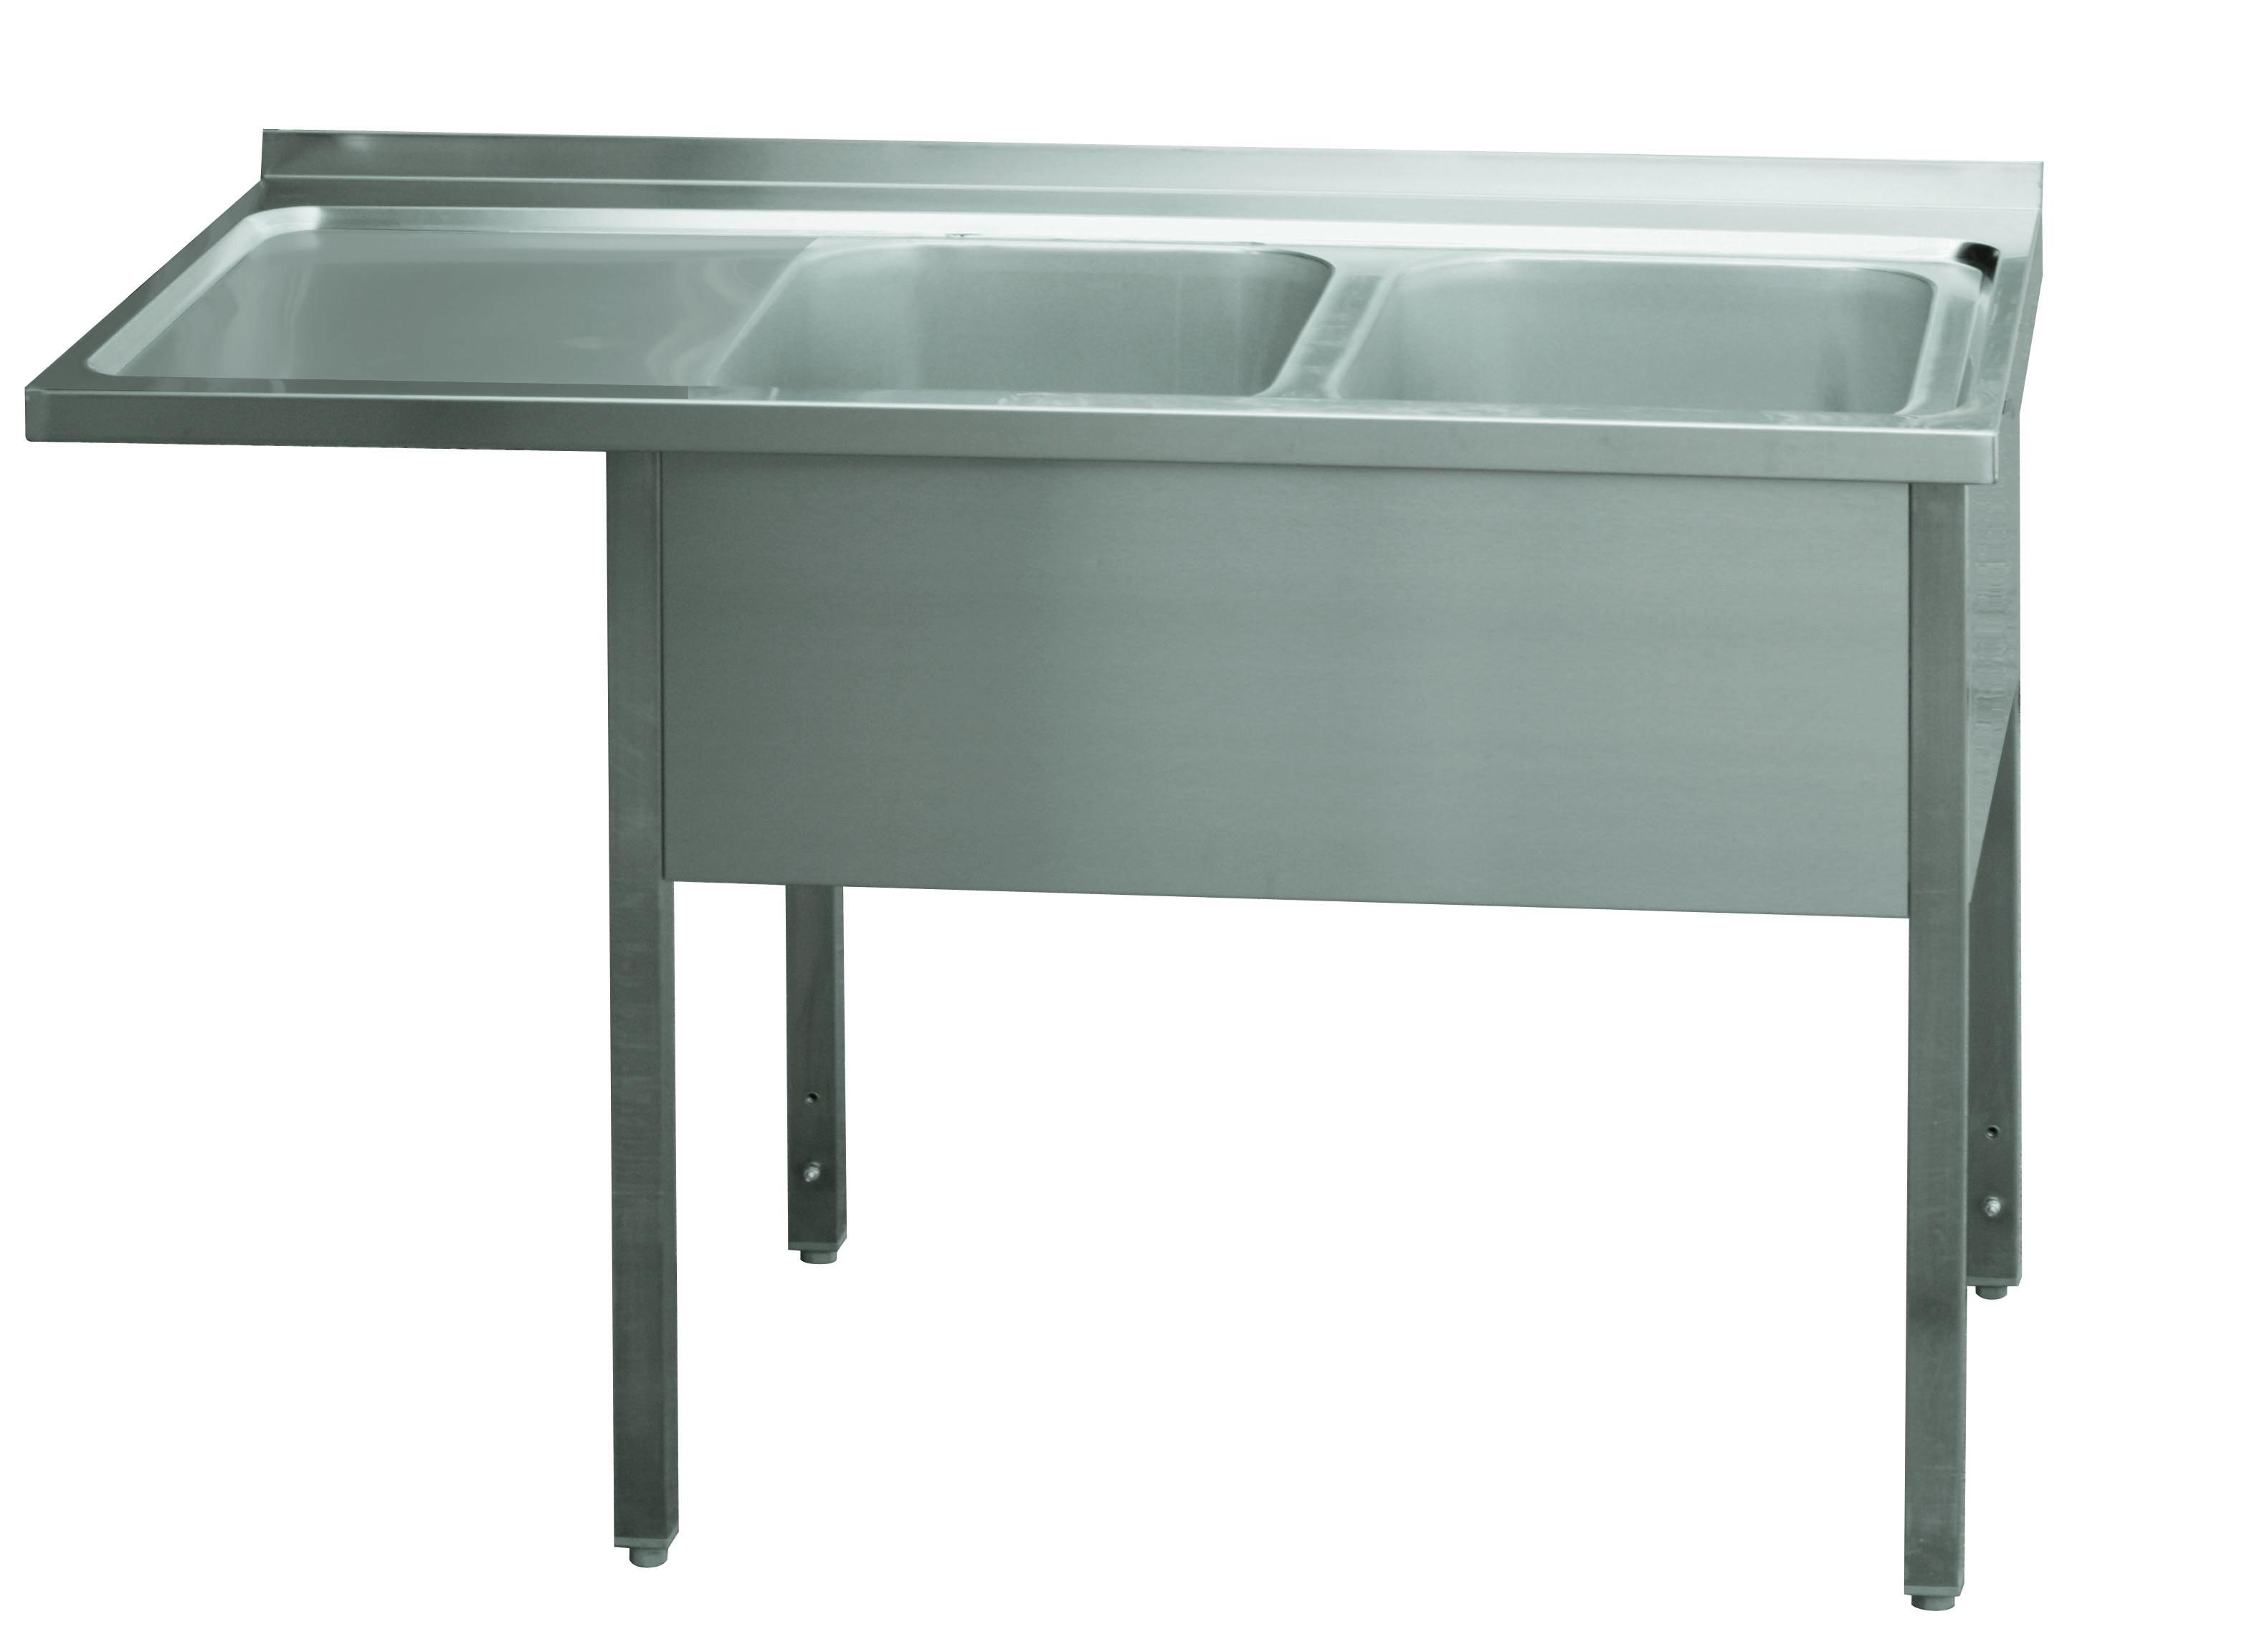 Stůl mycí dvoudřez MSDOL/M 210x70x90 REDFOX